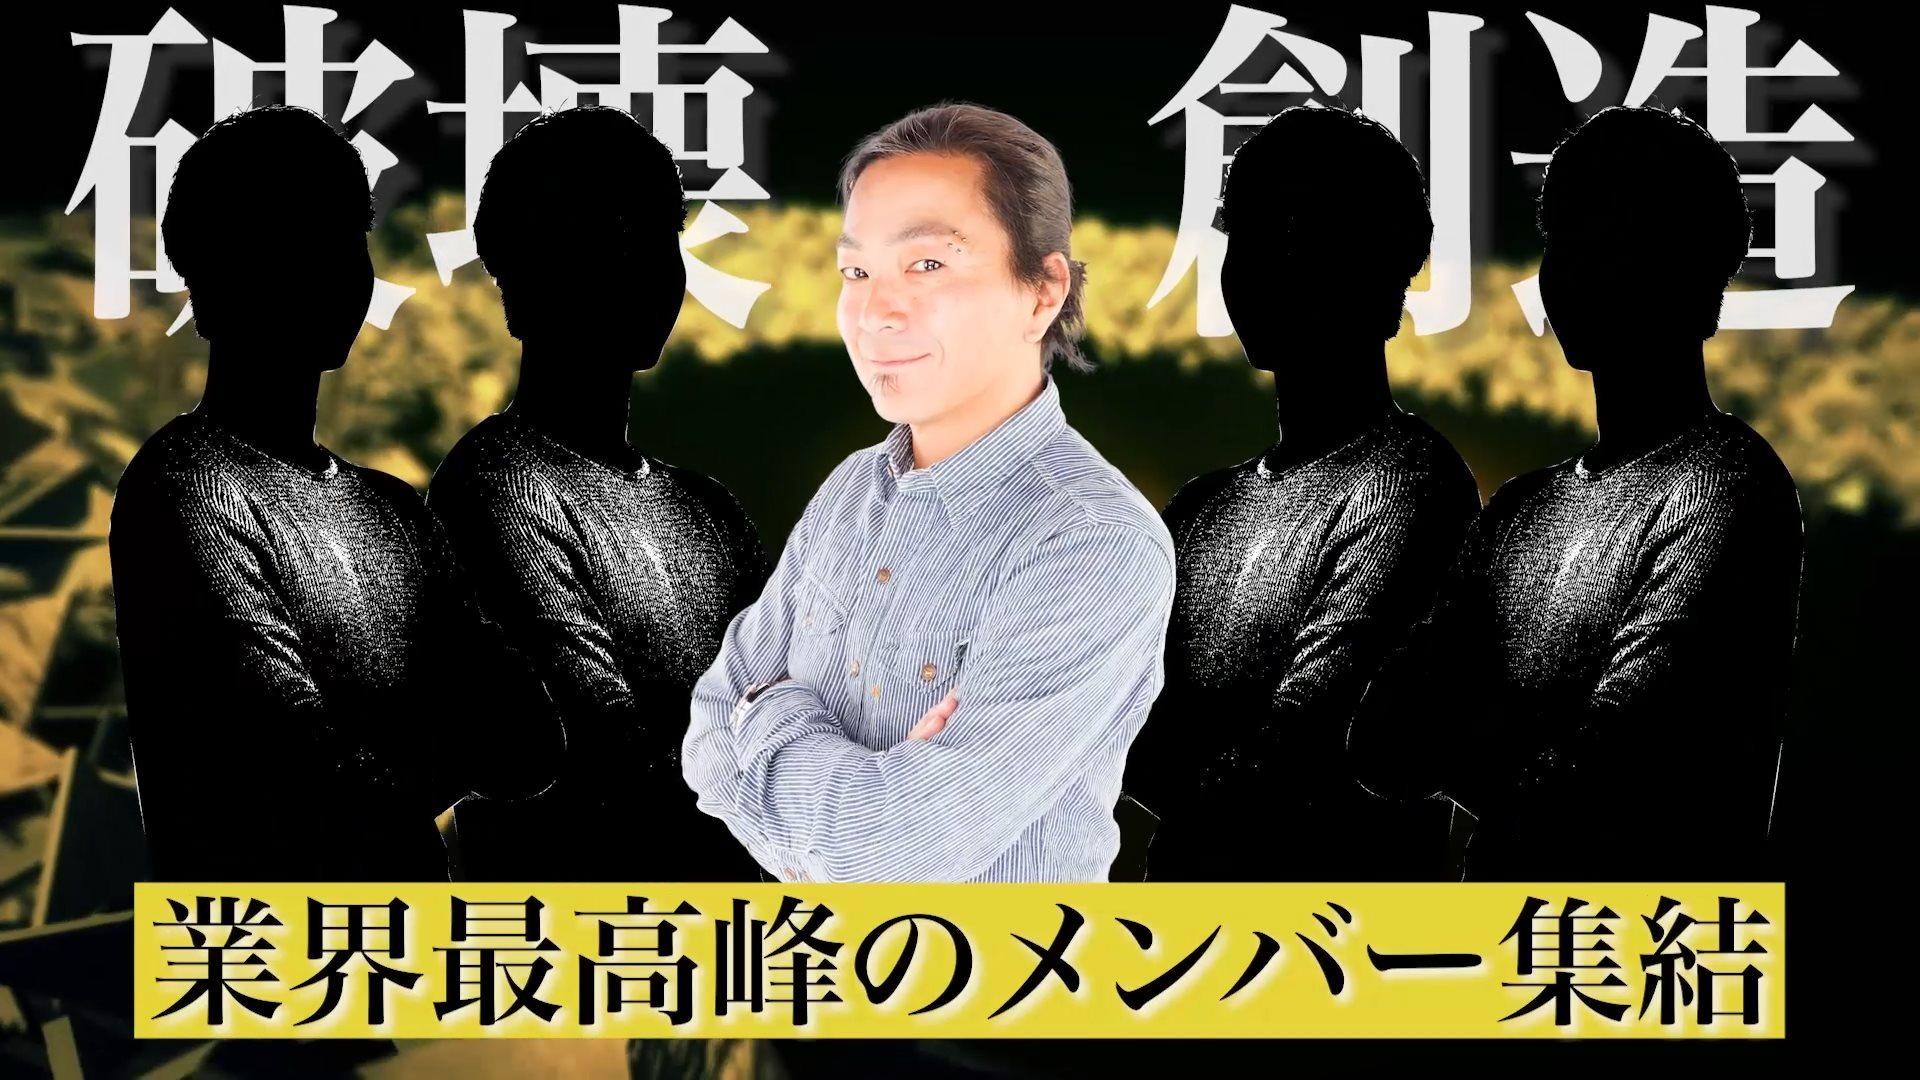 スペシャルゲスト 参戦!!その2